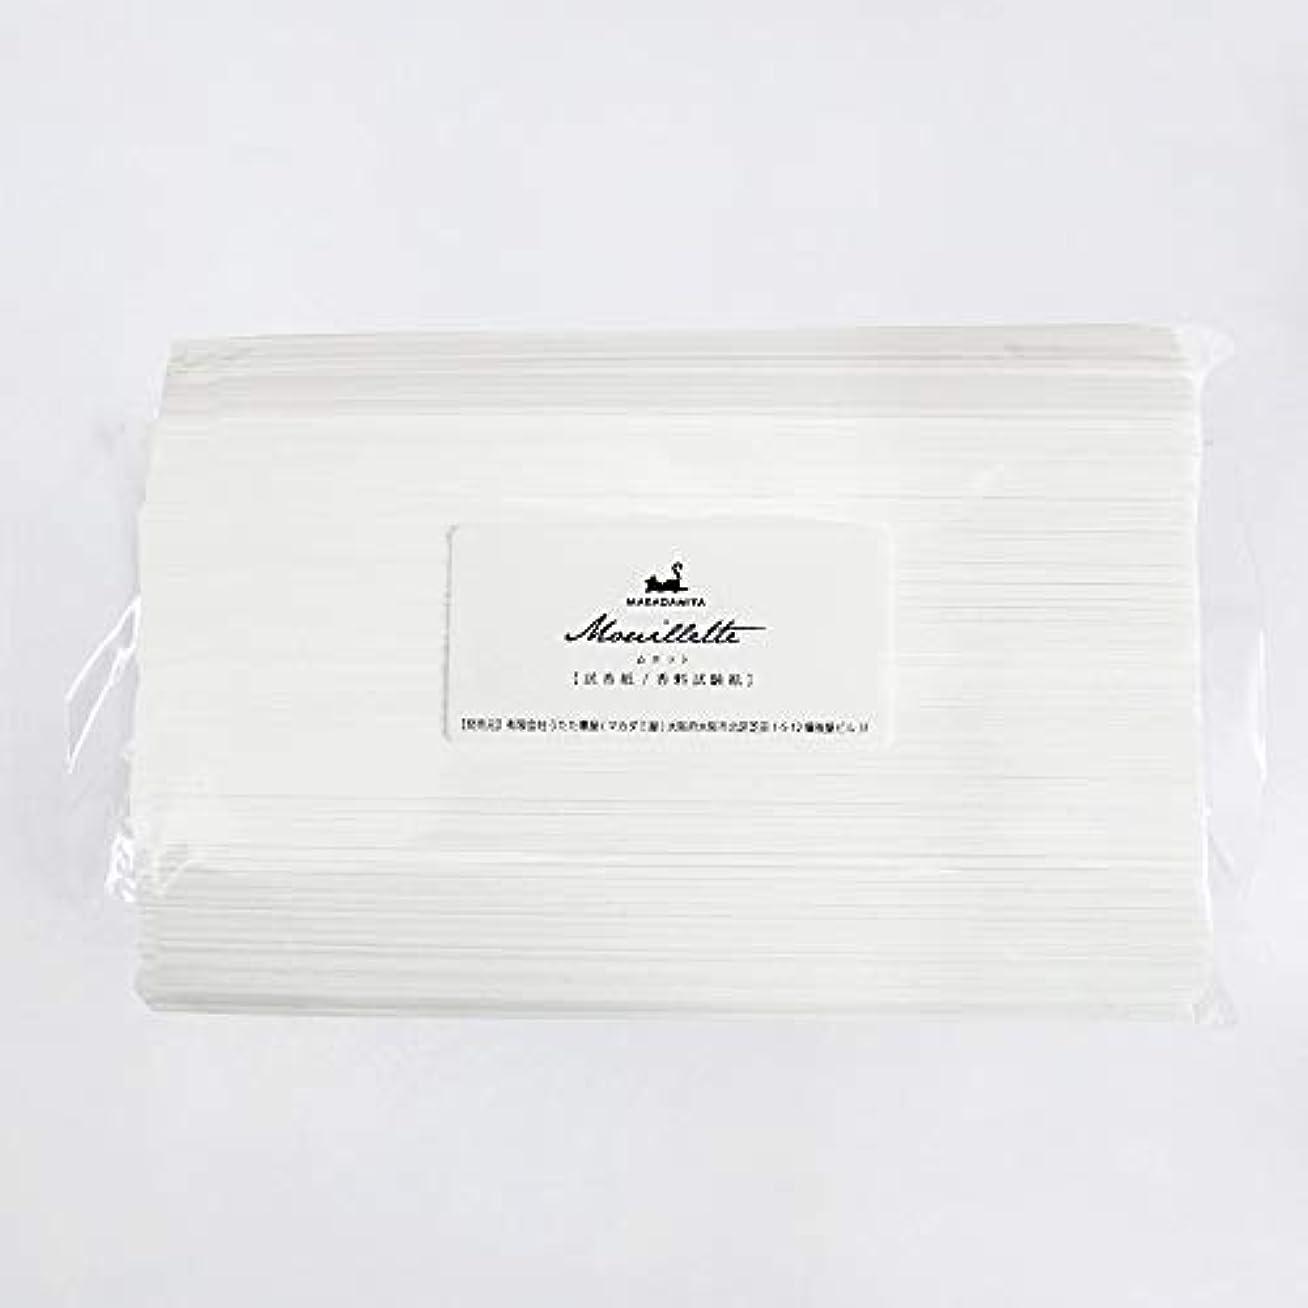 ペース灌漑レタッチムエット500本入り 大容量 プロ用(アロマ検定試験対応 試香紙 香料試験紙) マカダミ屋